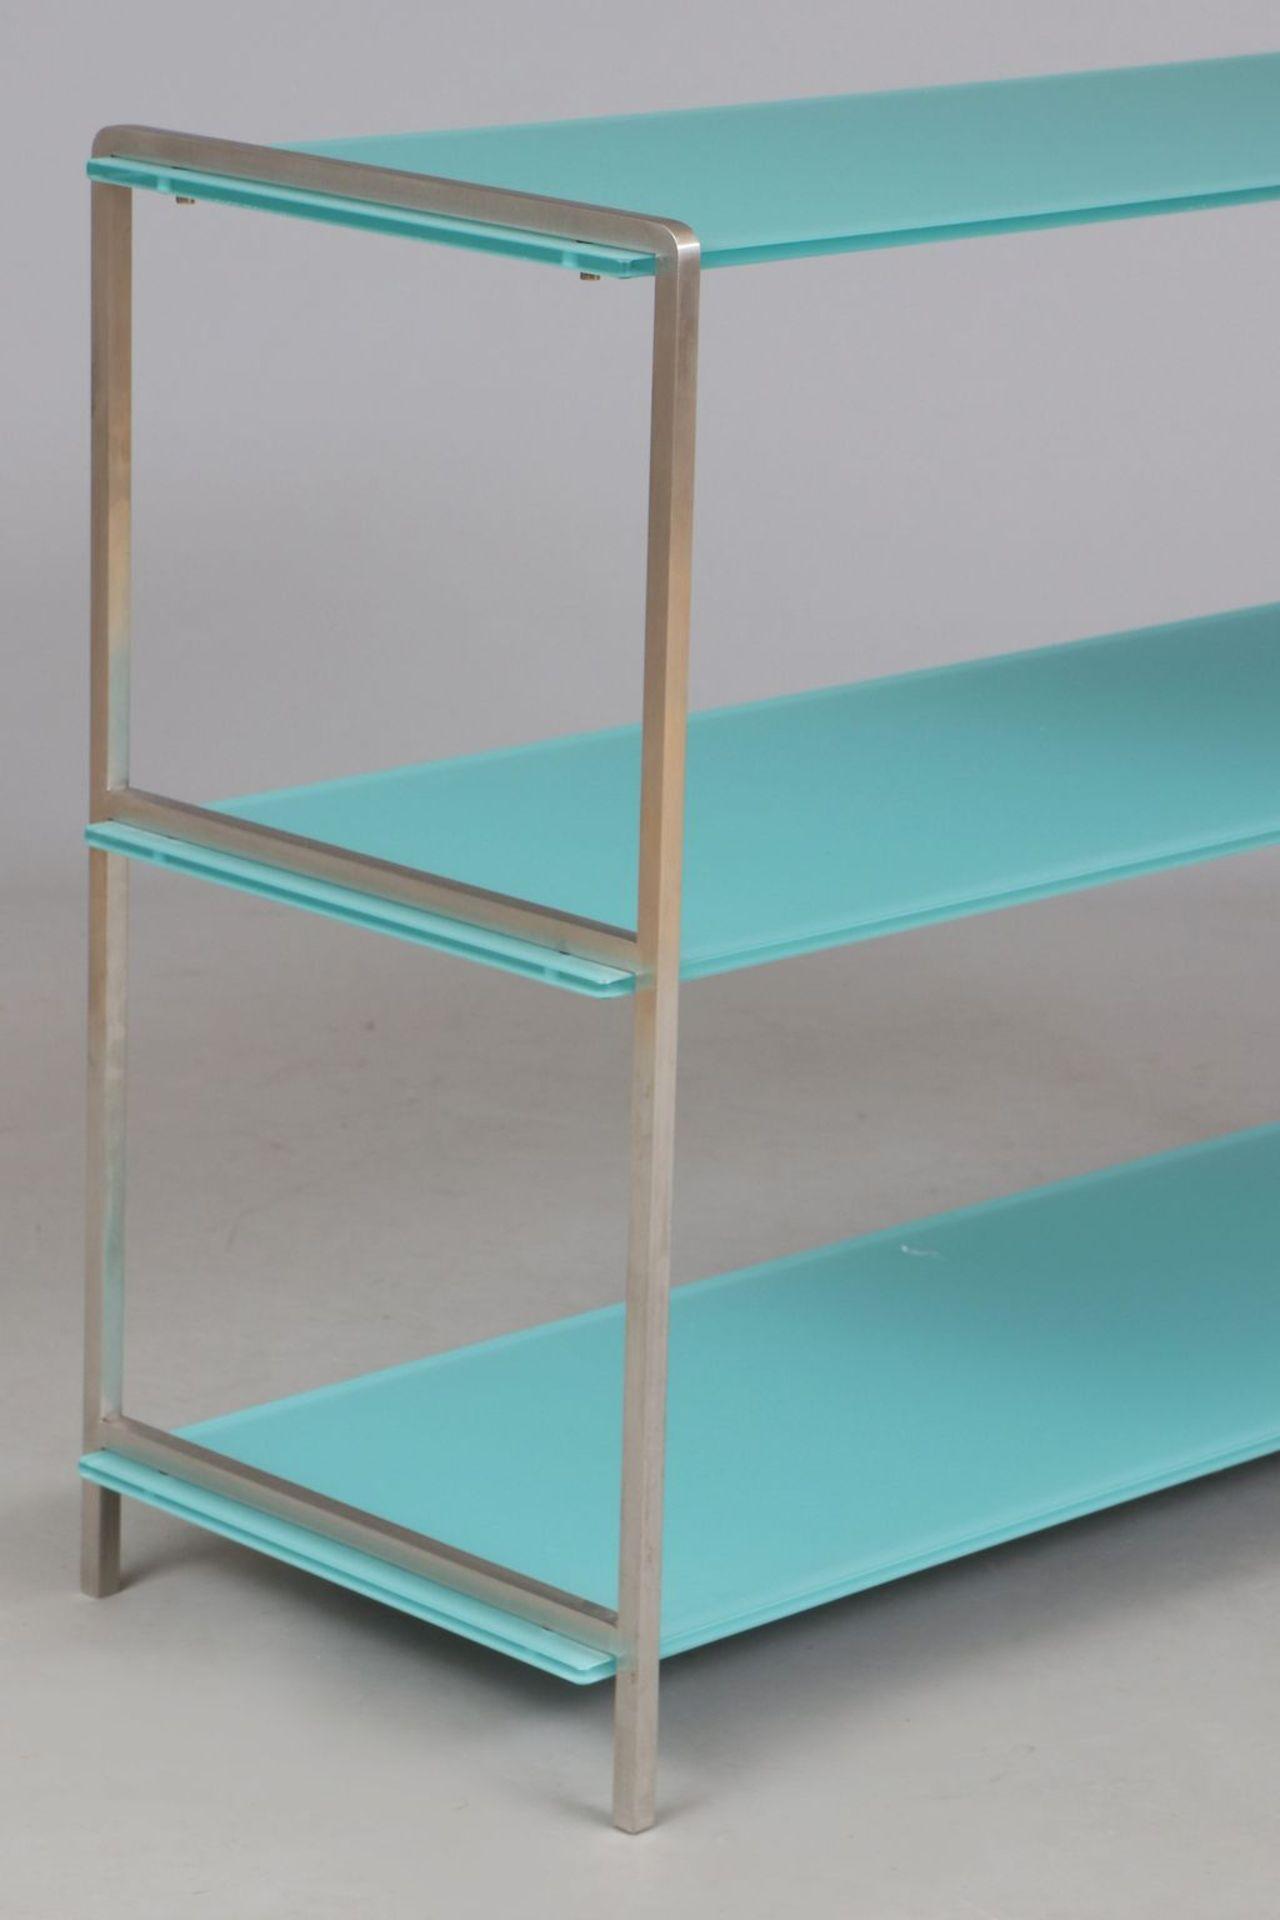 Sideboard/Regal - Image 2 of 4